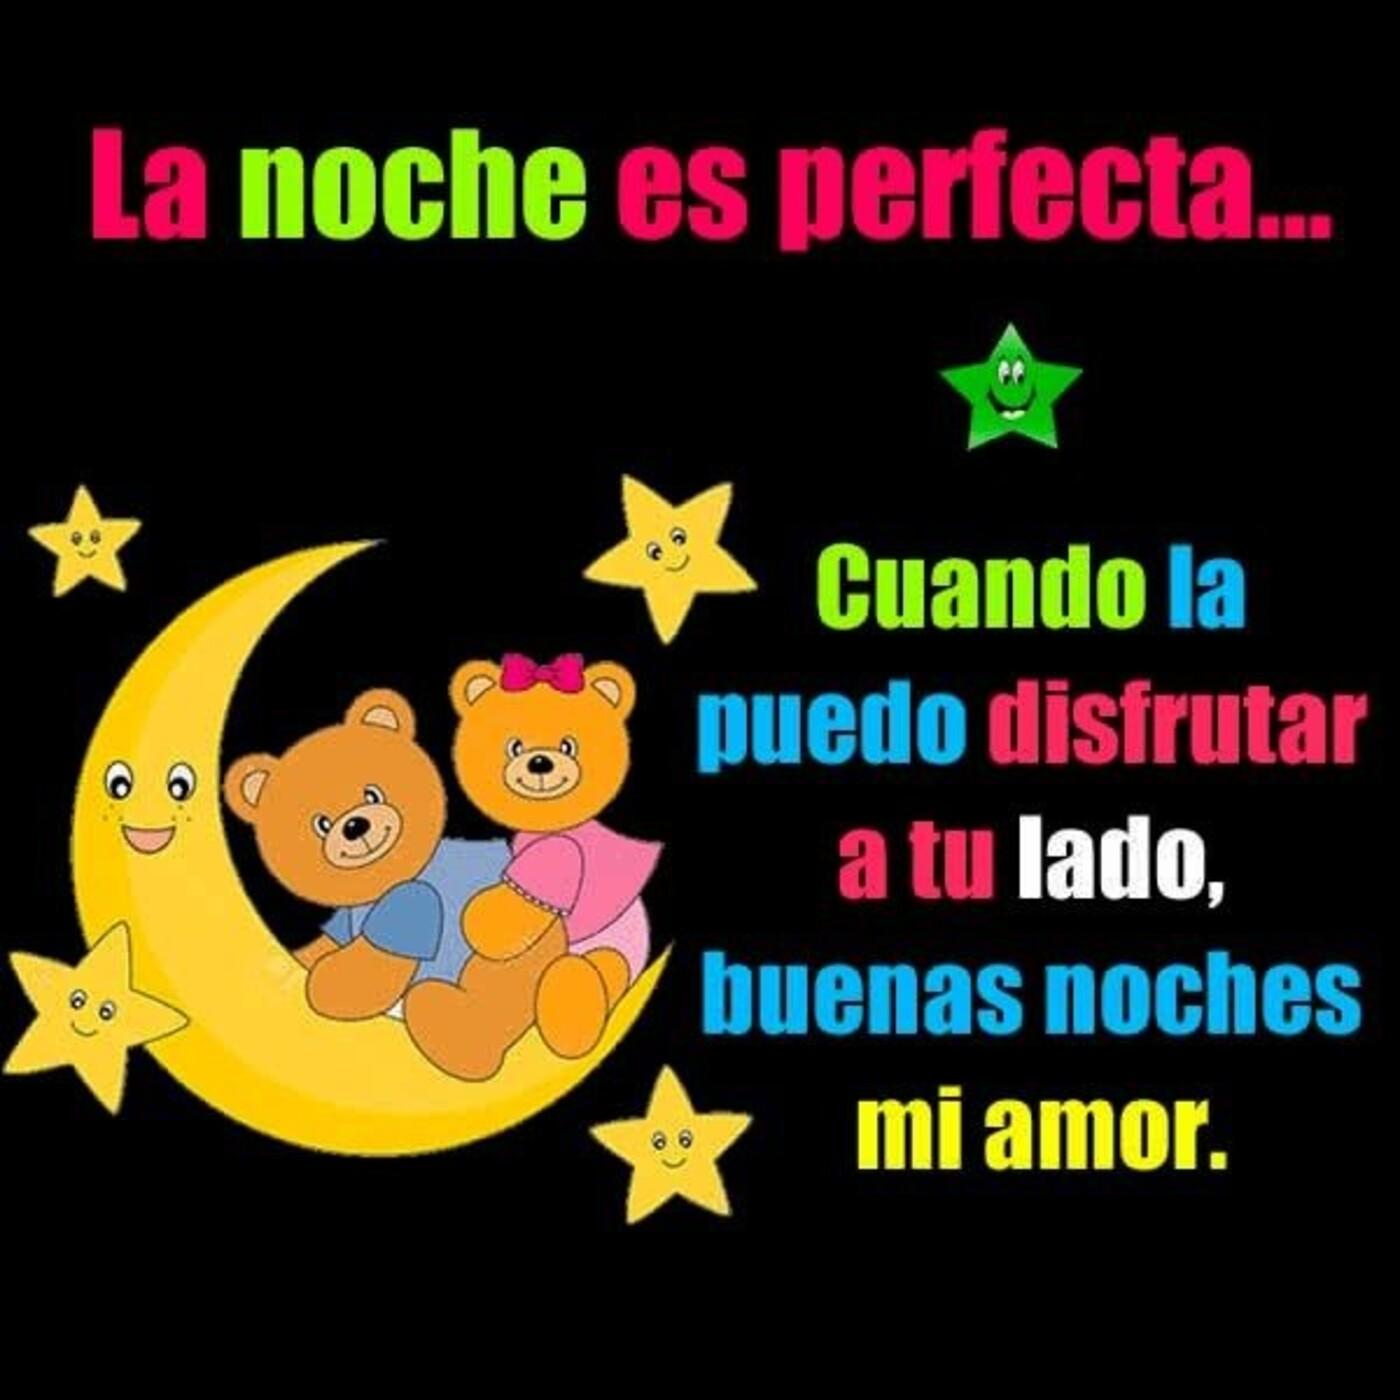 La noche es perfecta...cuando la puedo disfrutar a tu lado, buenas noches mi amor